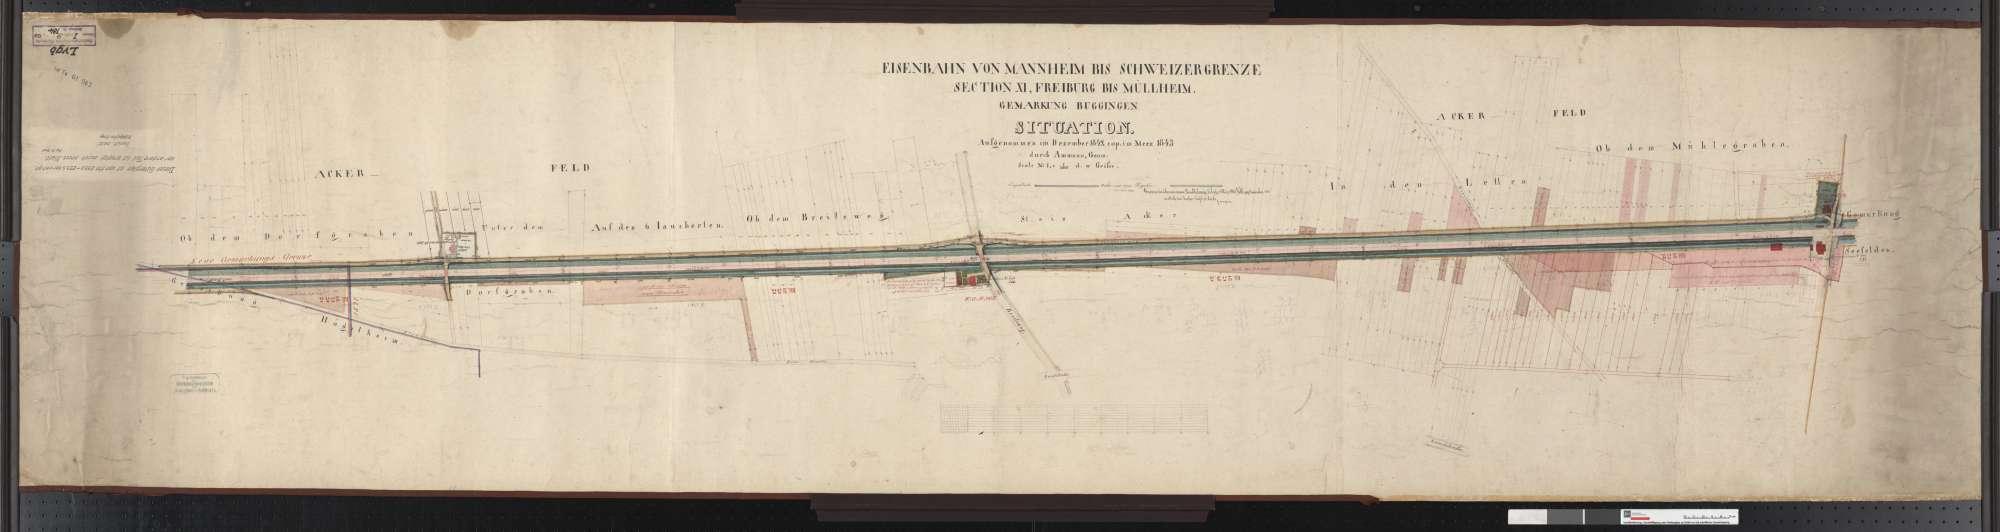 Situationsplan der Bahn von Mannheim bis Schweizer Grenze, Abschnitt Freiburg bis Müllheim: Gemarkung Buggingen Streckenausschnitt: 231,8 bis 233,6 km, Bild 1